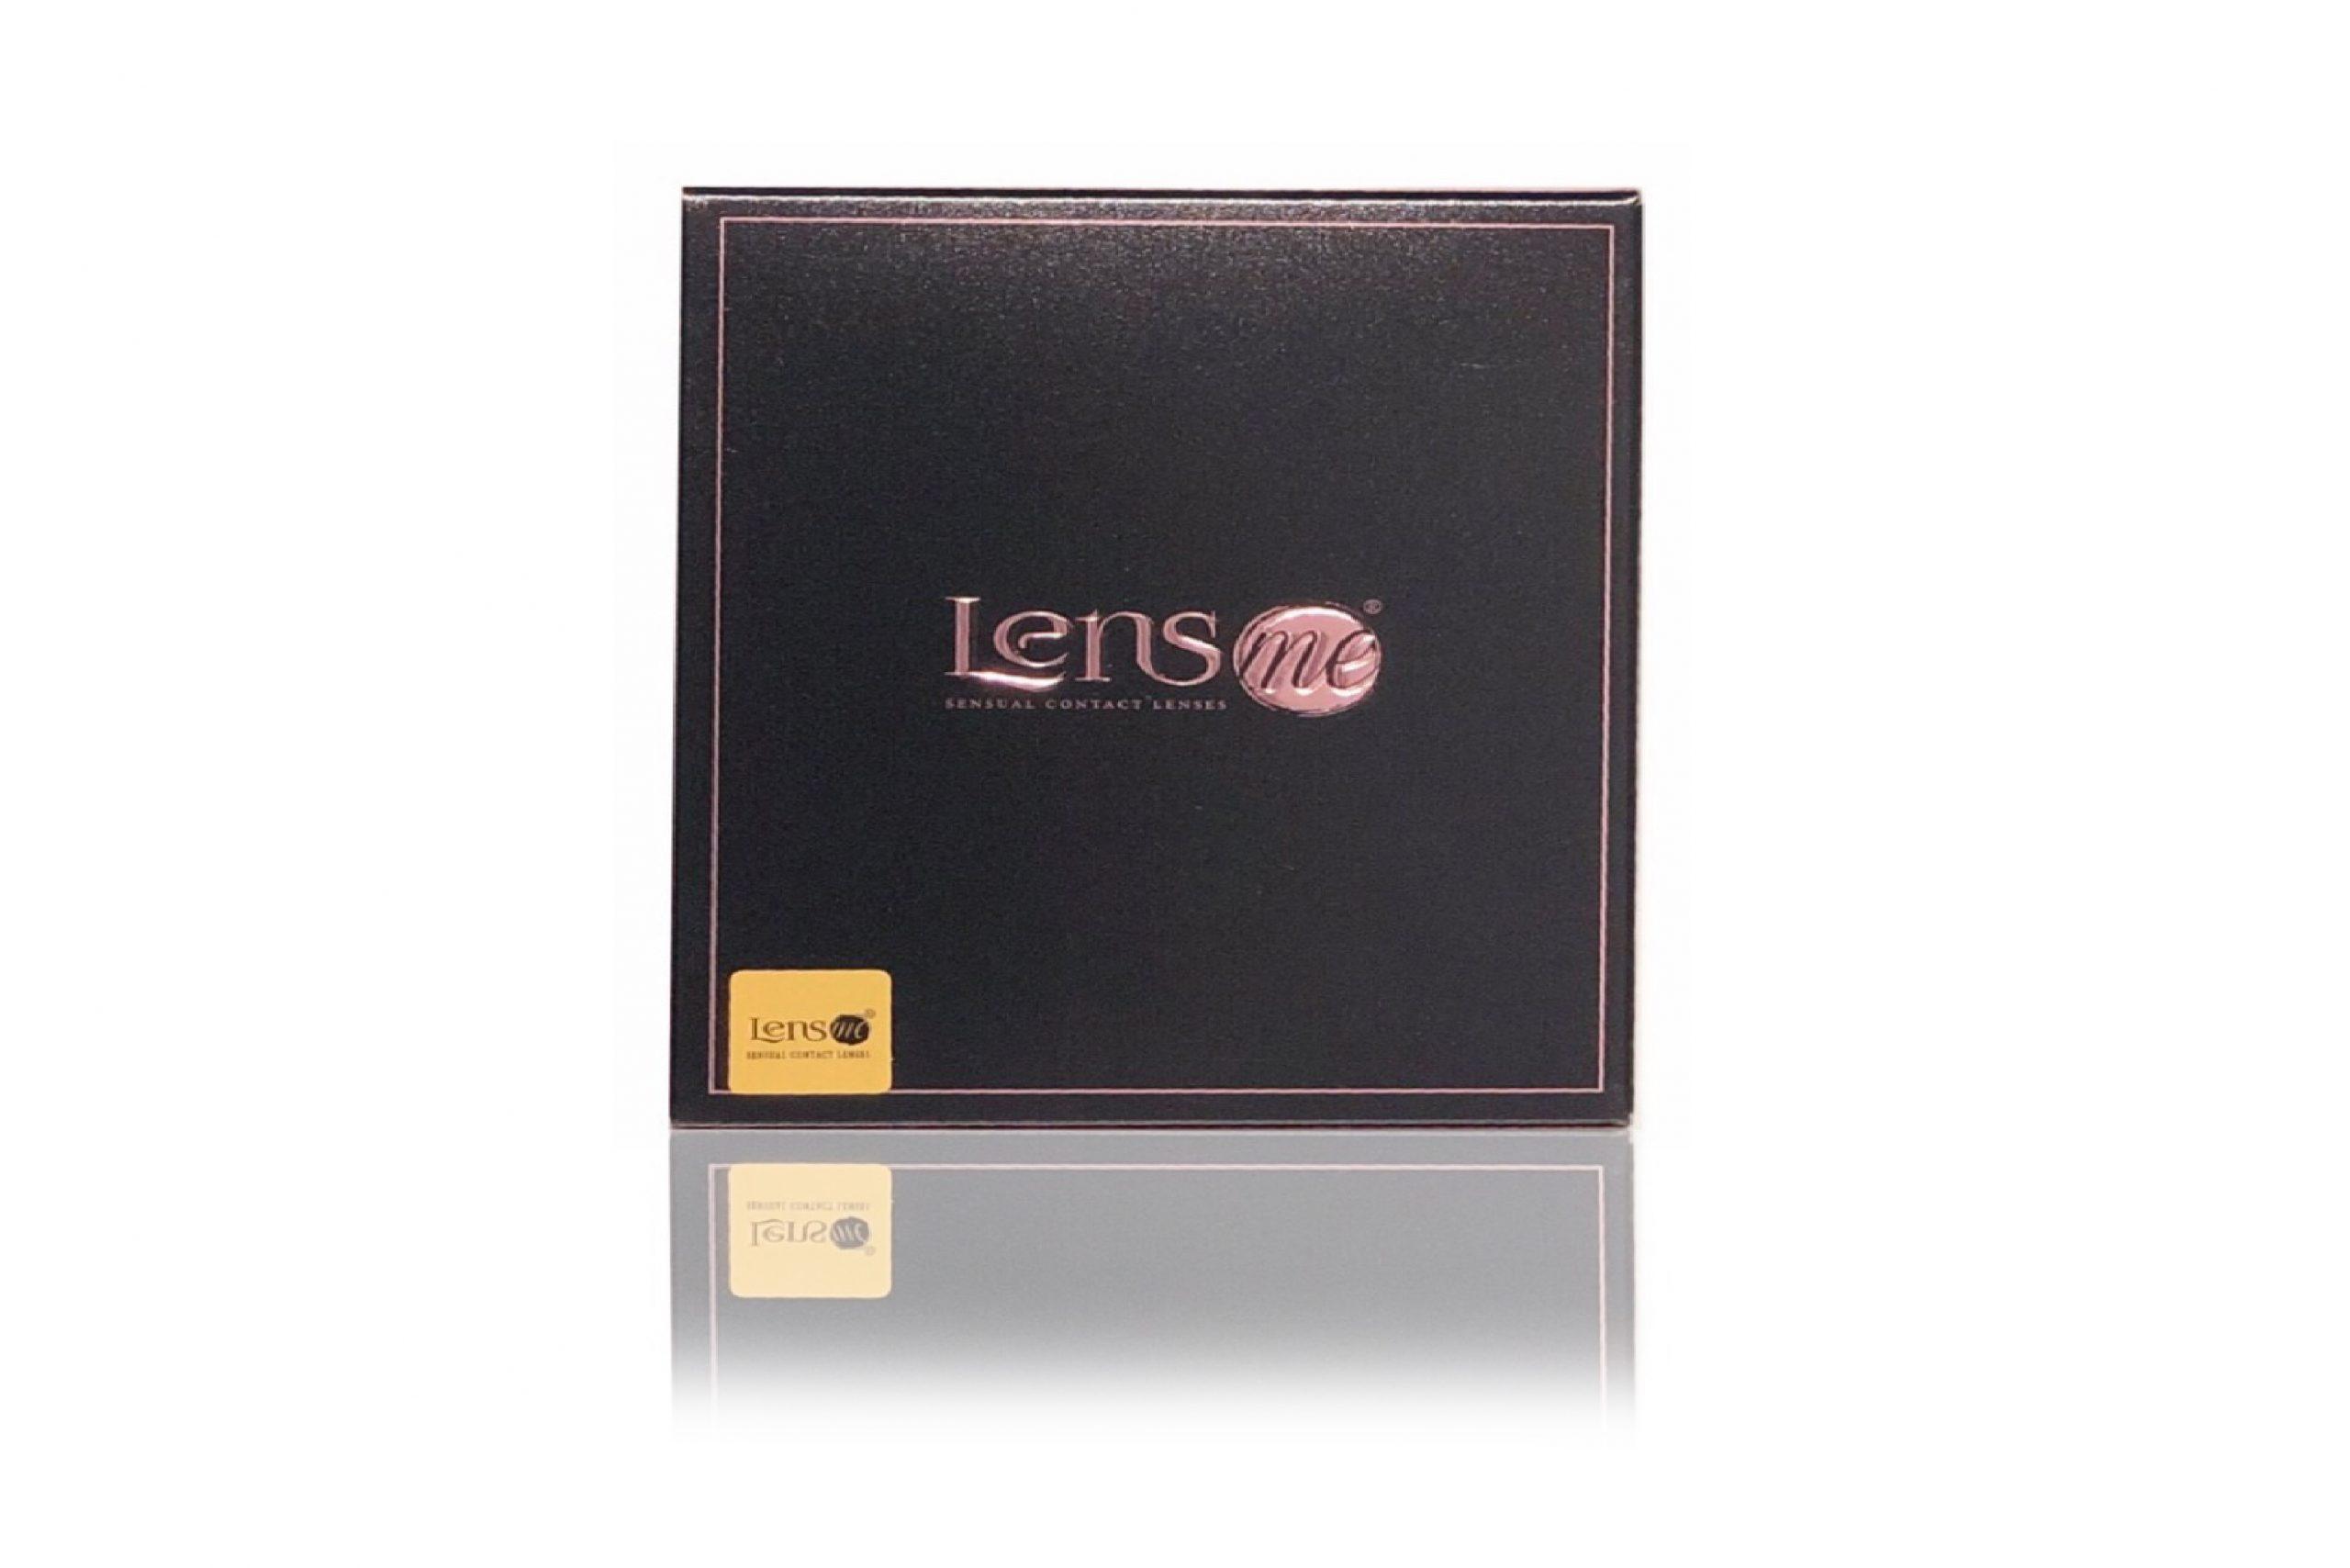 LensMe